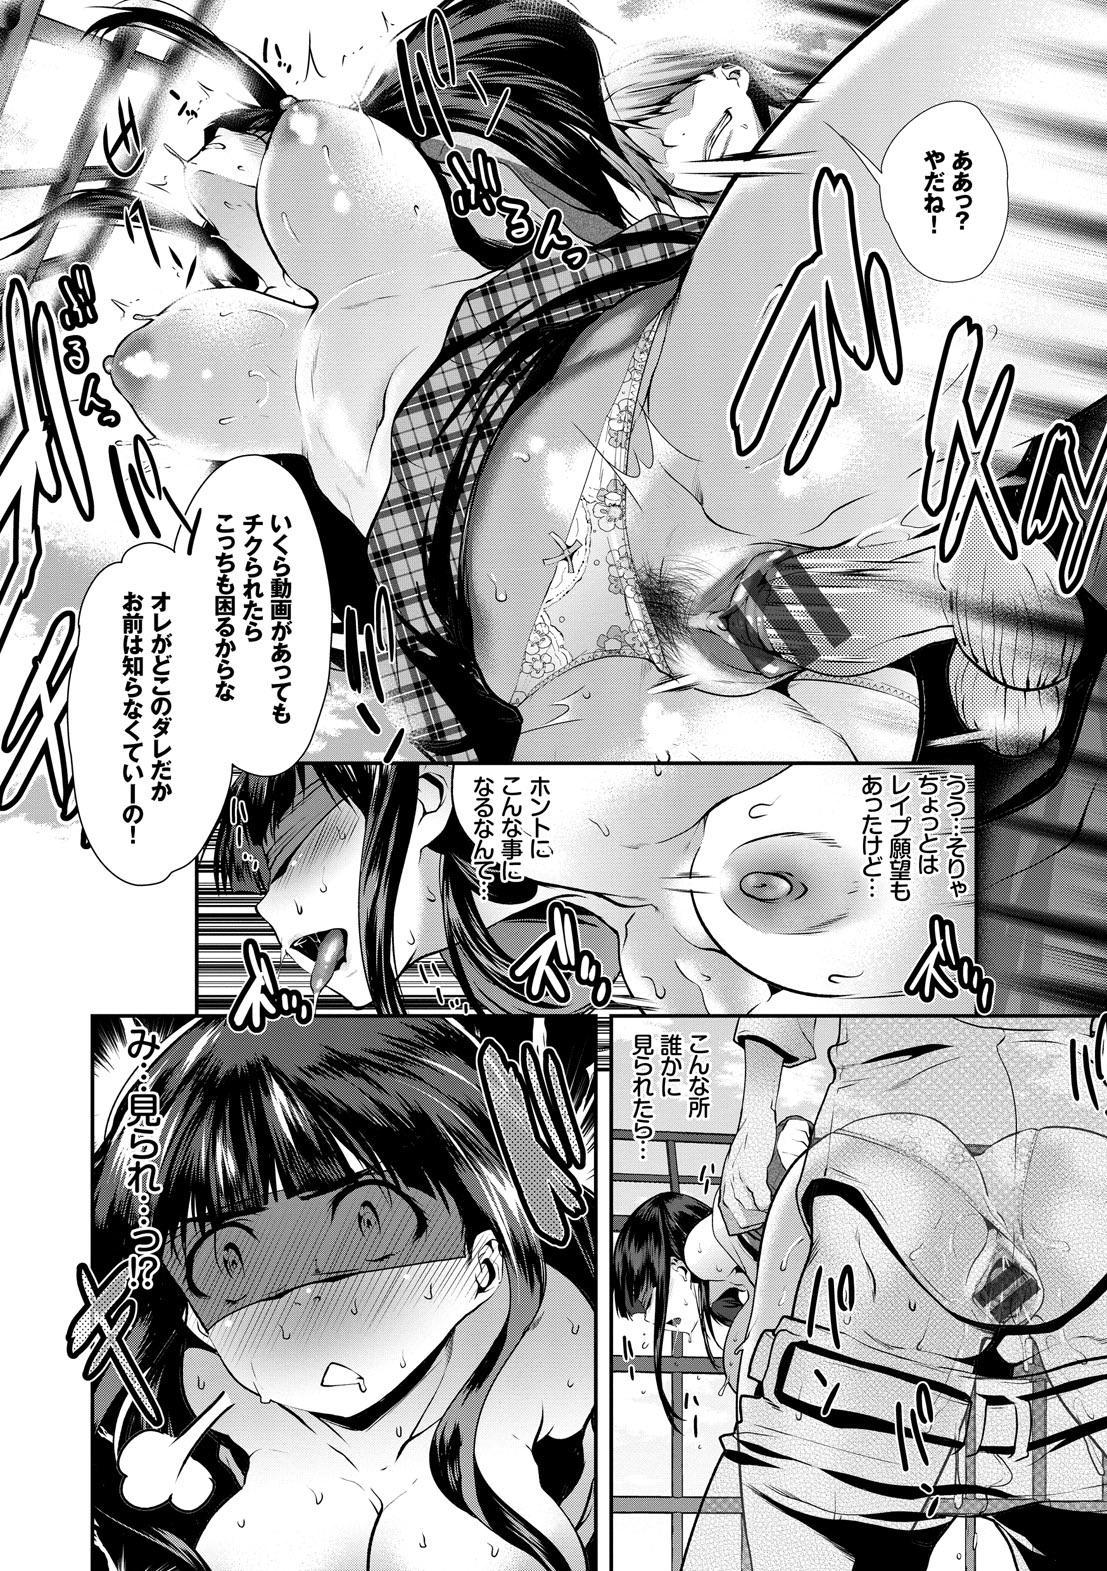 Mesu no Tadashii Haramasekata 49